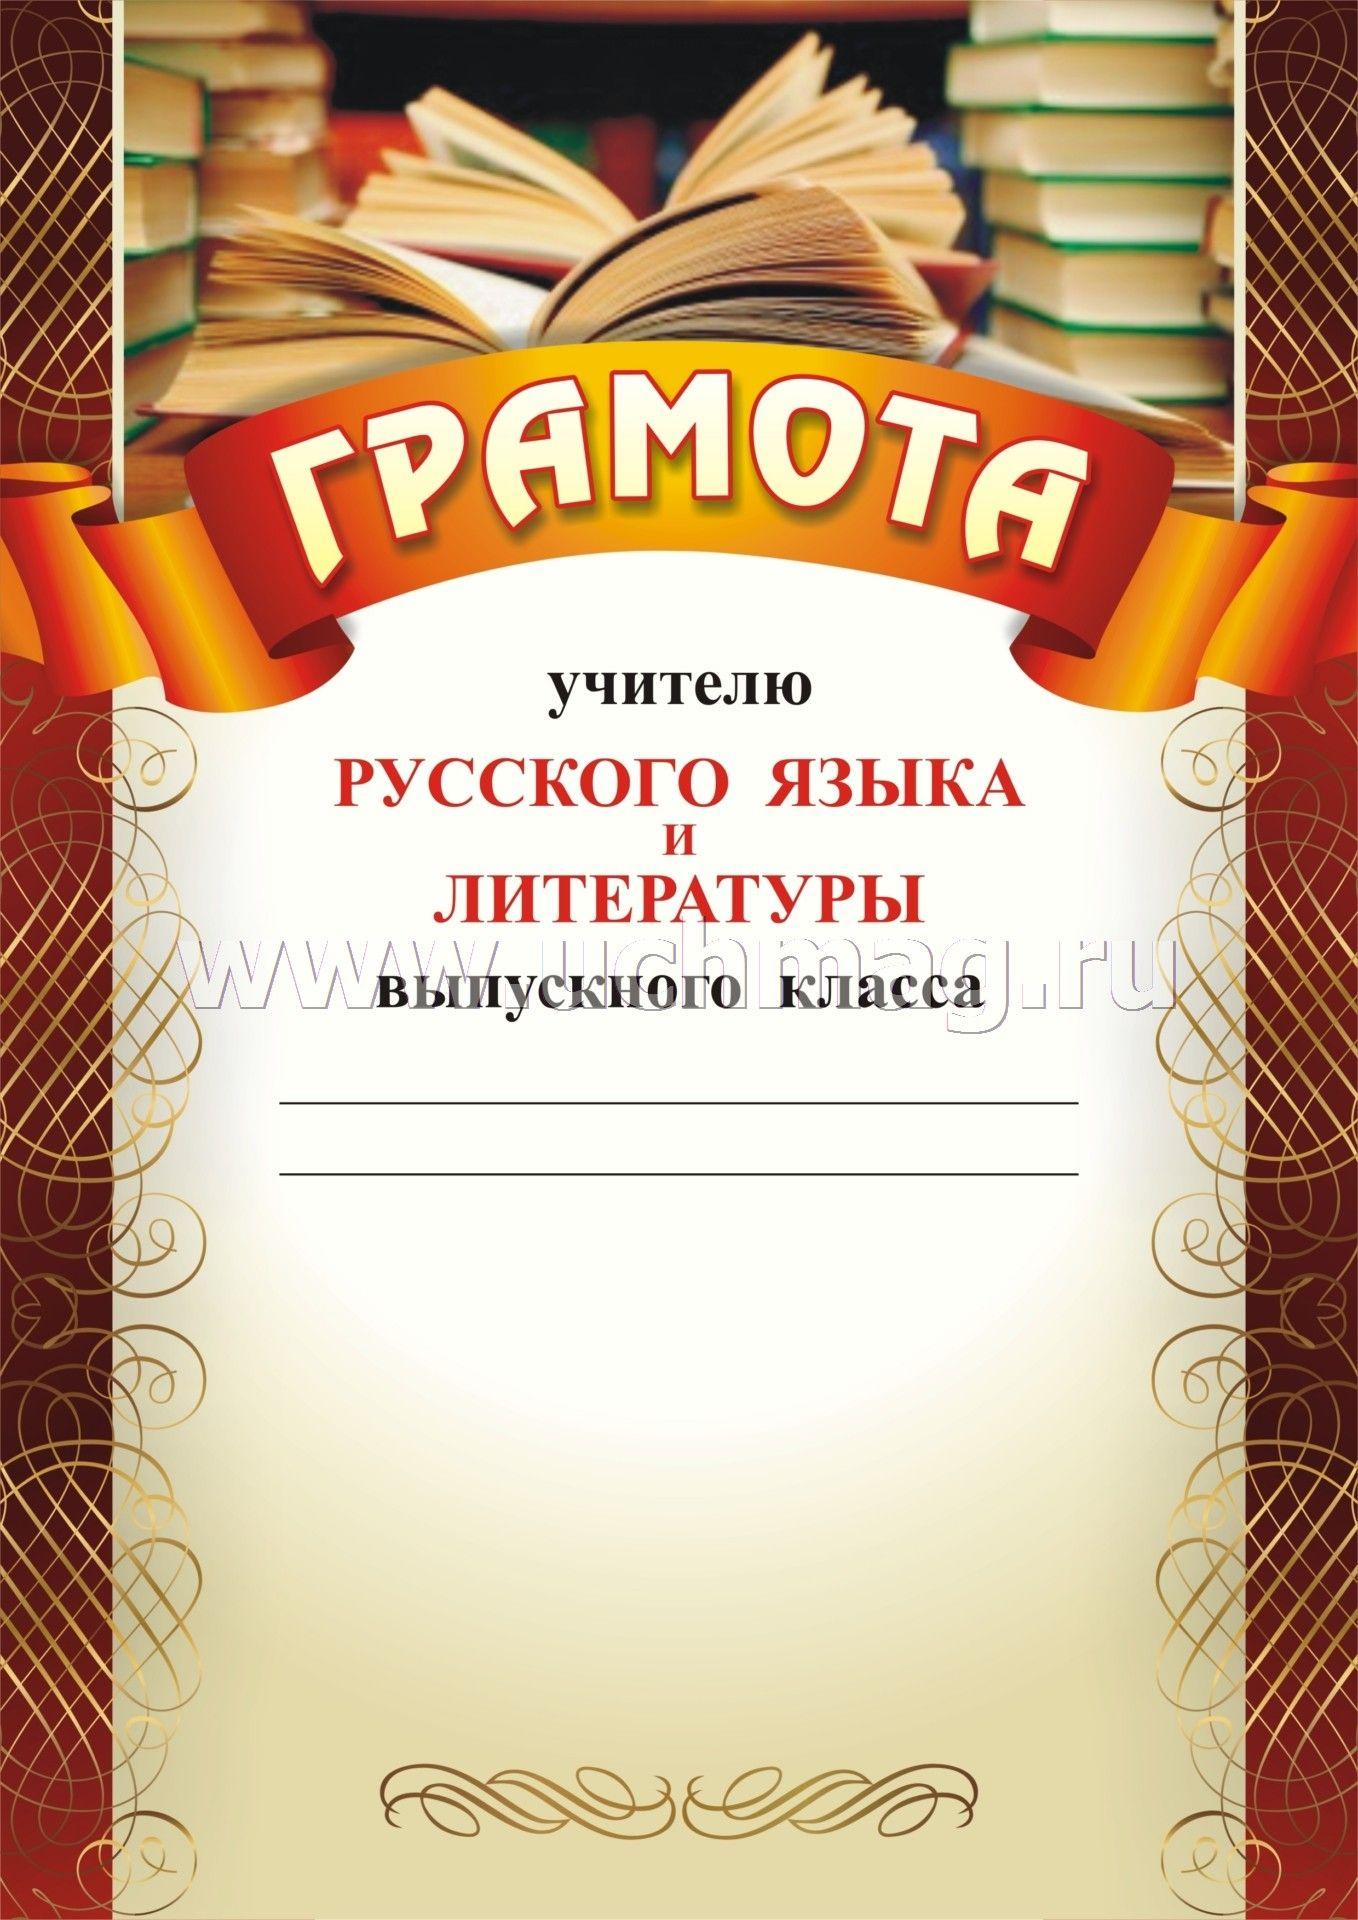 Поздравления учителям русскому языку